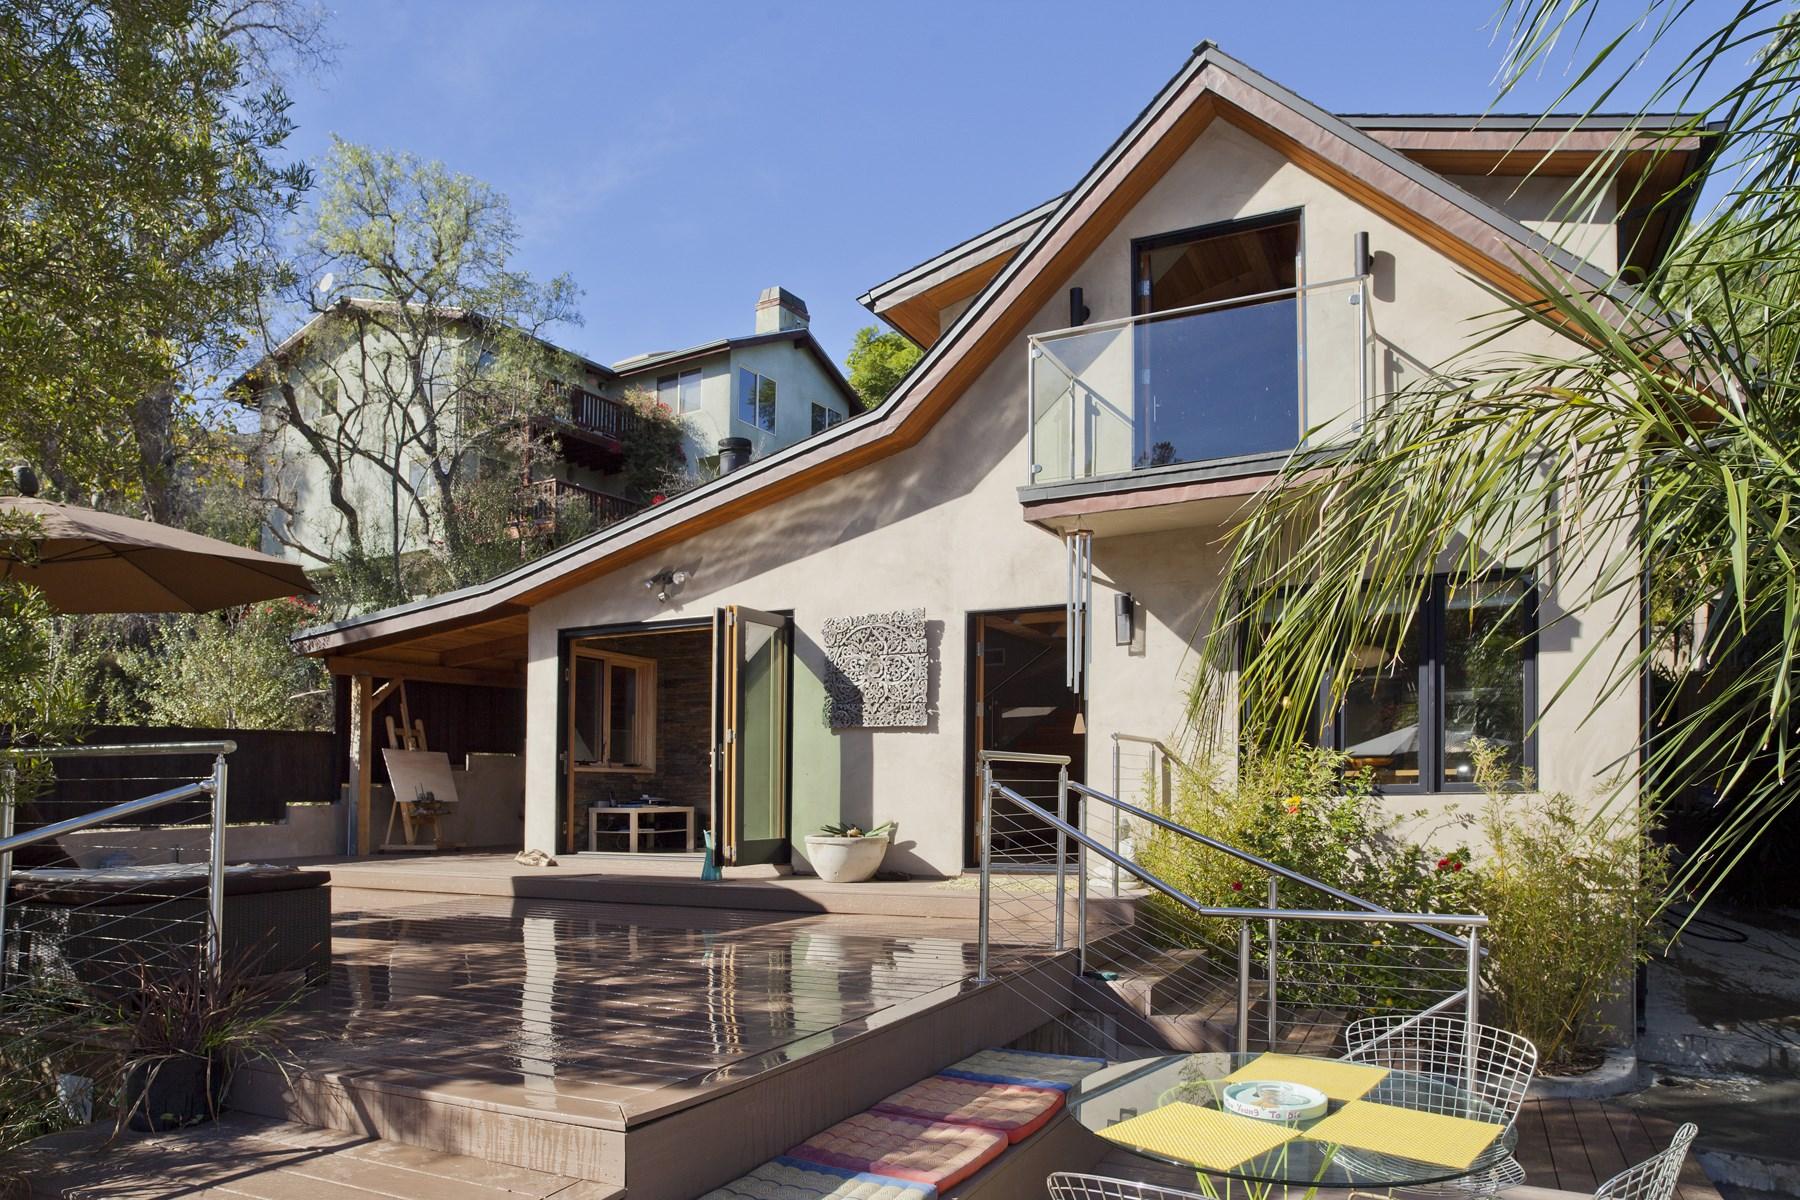 Maison unifamiliale pour l Vente à Beautiful Topanga Architectural Home 1421 Fernwood Pacific Drive Topanga, Californie, 90290 États-Unis